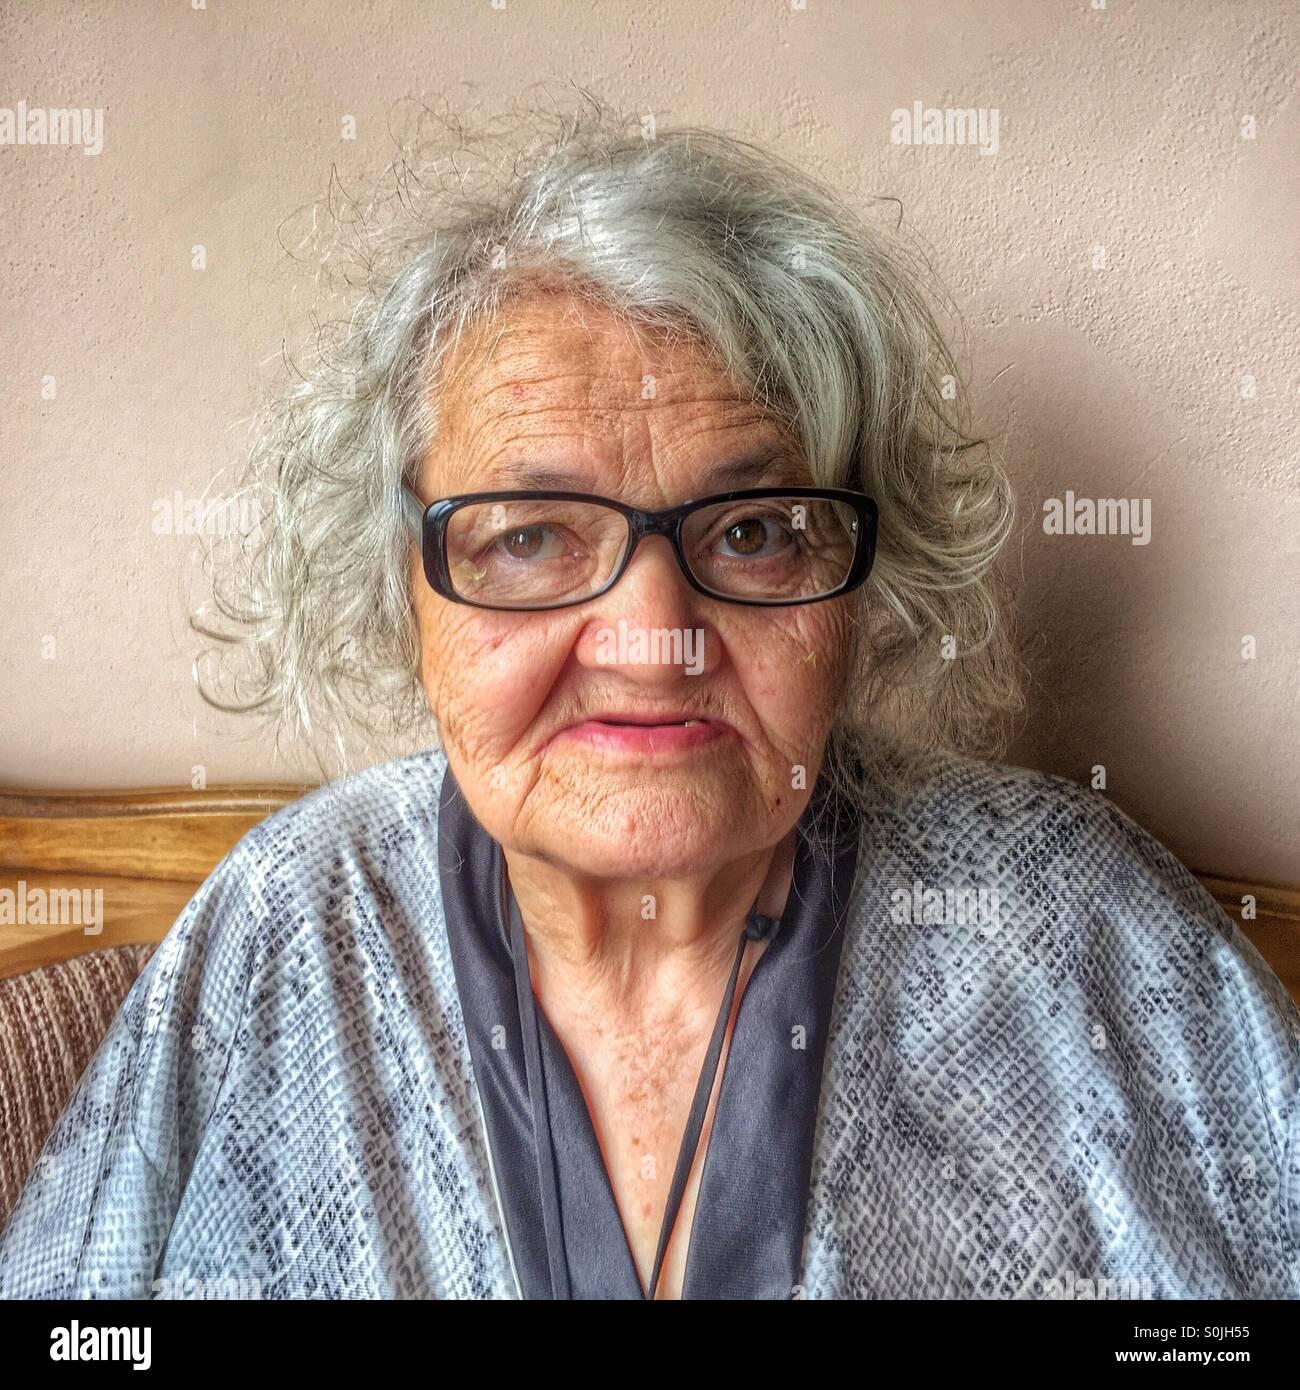 Vecchia donna pensando, ritratto Immagini Stock